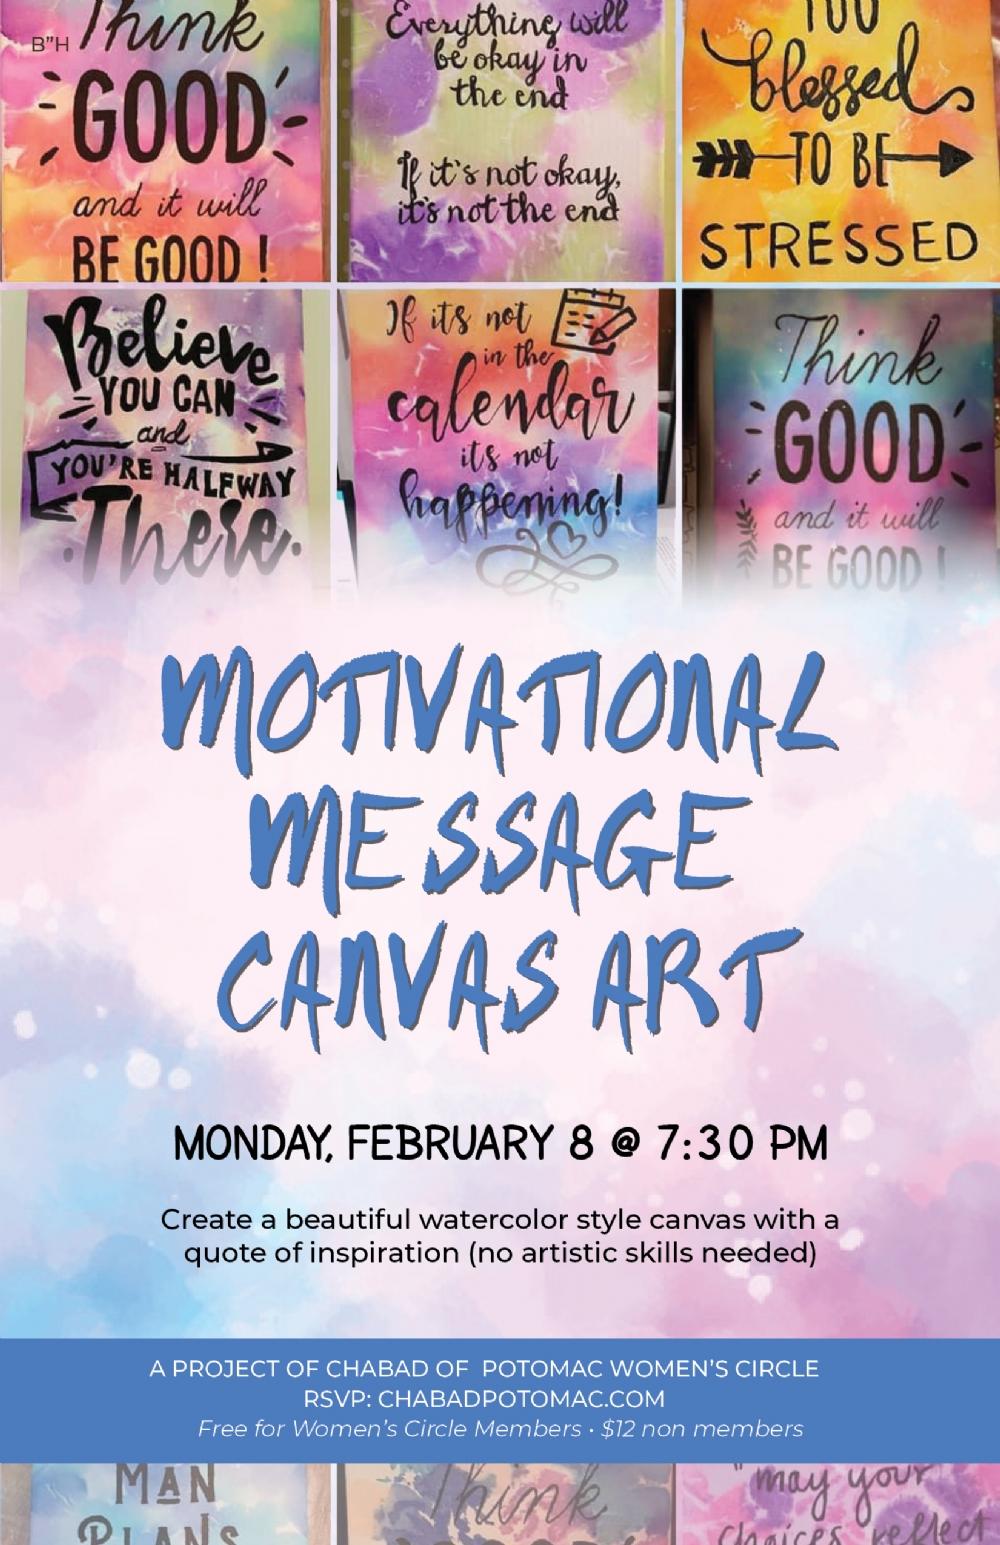 Canvas art flyer.jpg